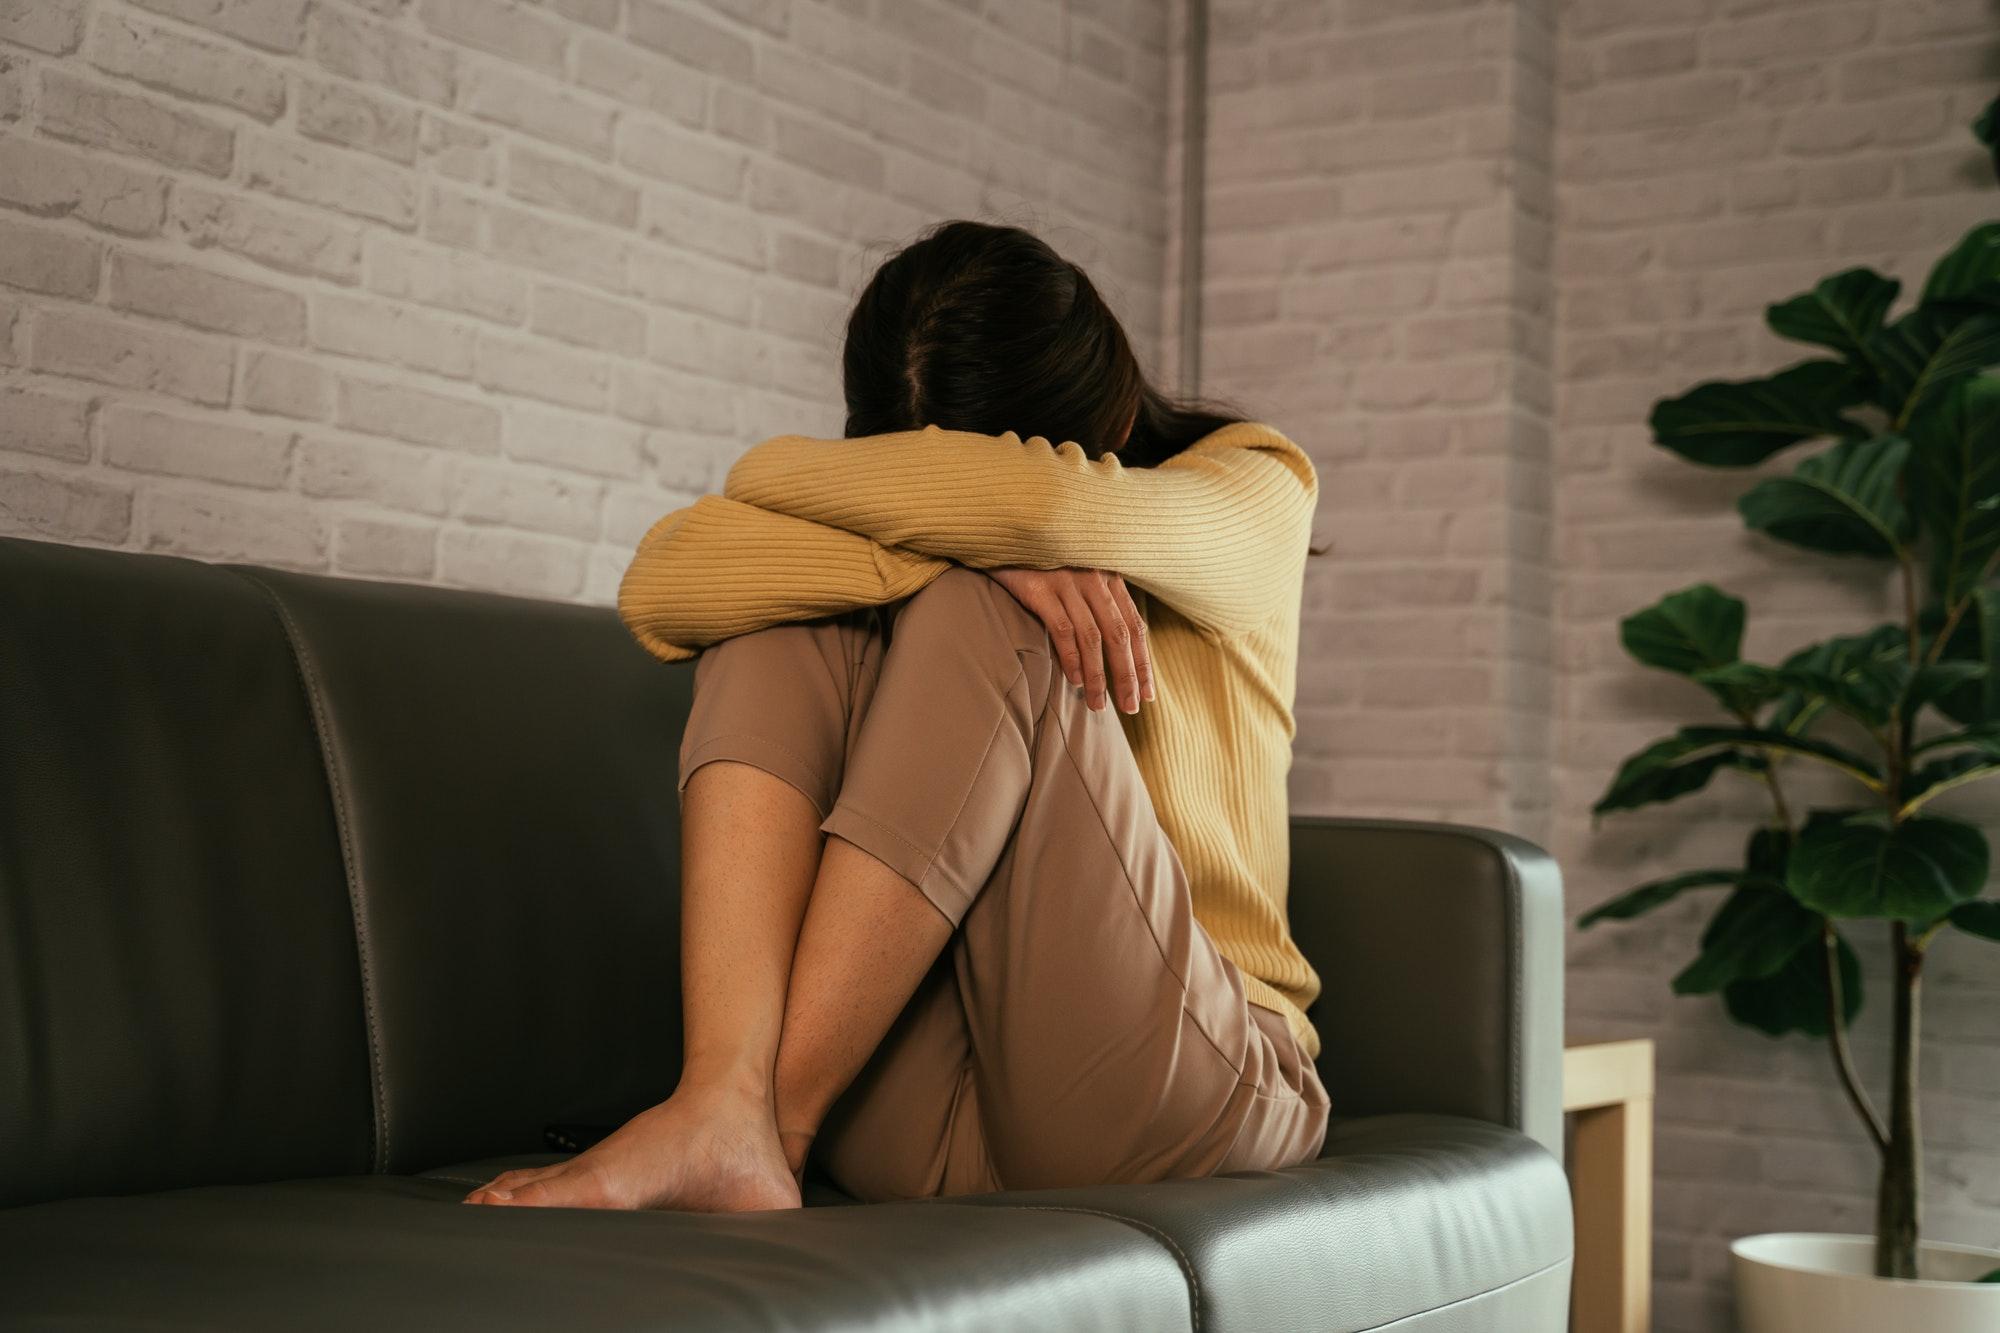 femme déprimée car son ex lui manque